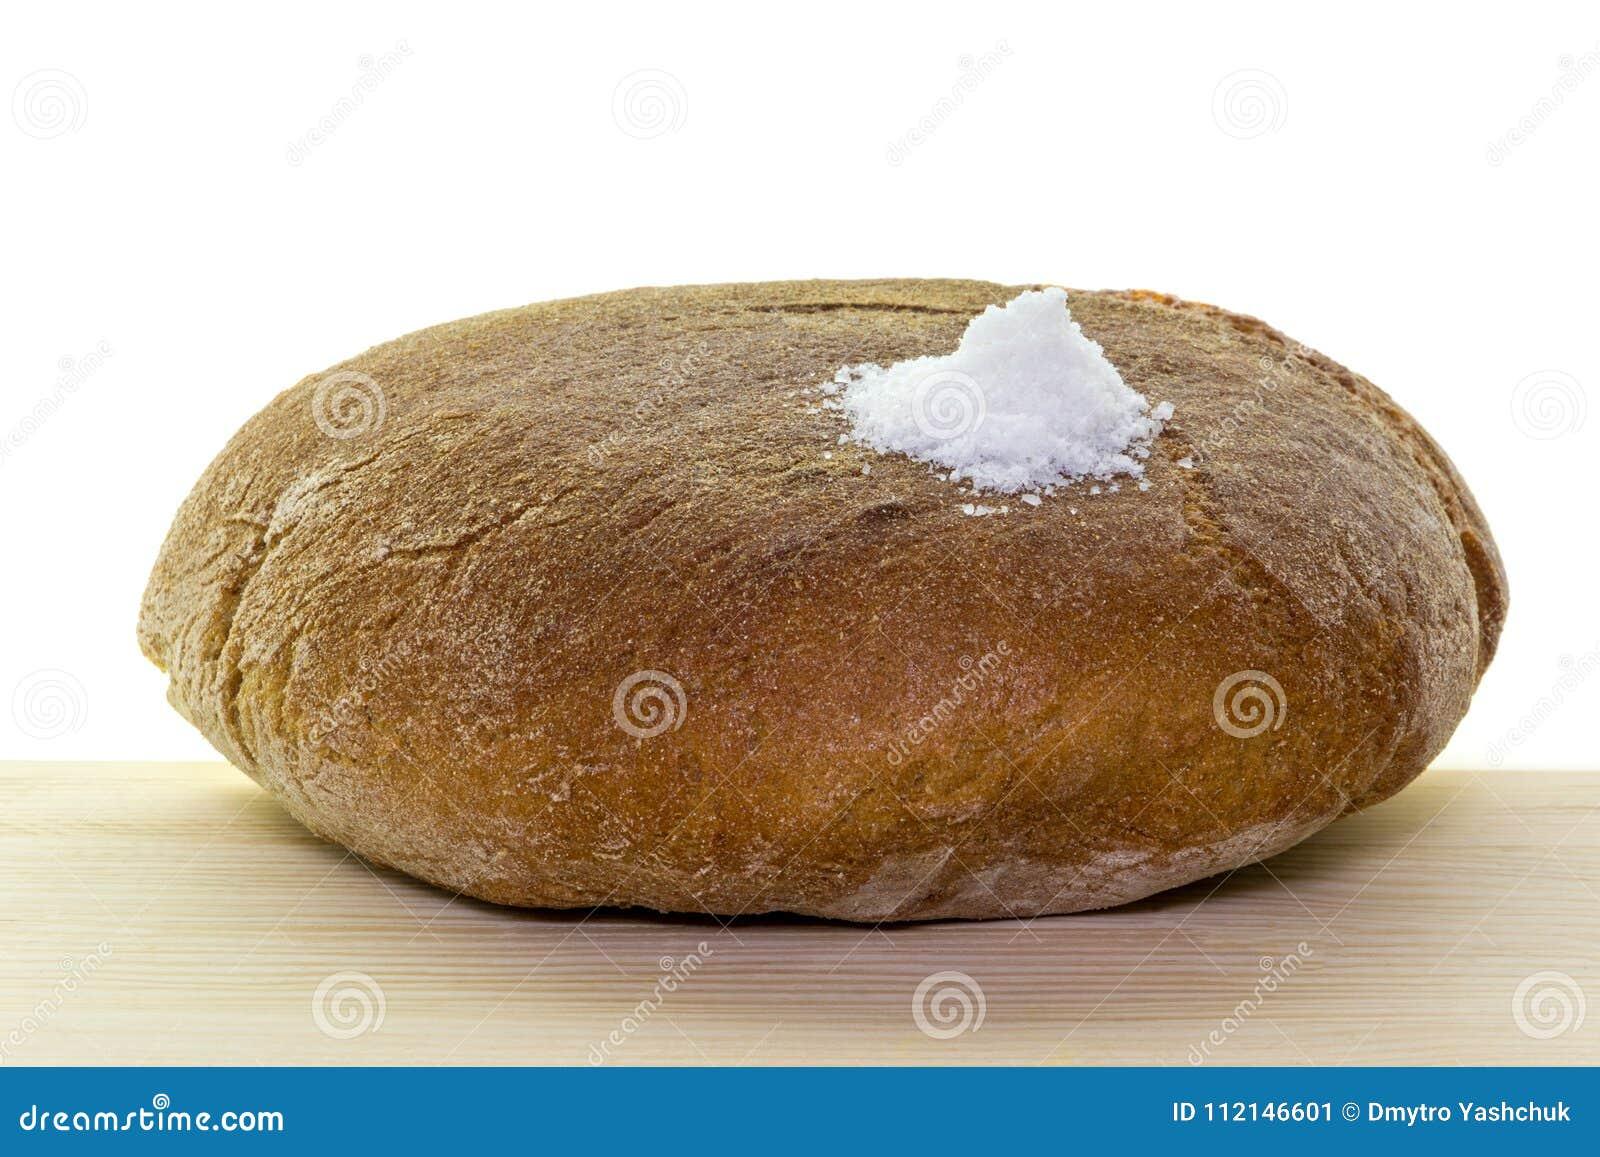 Soli chlebowy powitanie Tradycyjny rytuał ofiary sól mile widziany gość i chleb